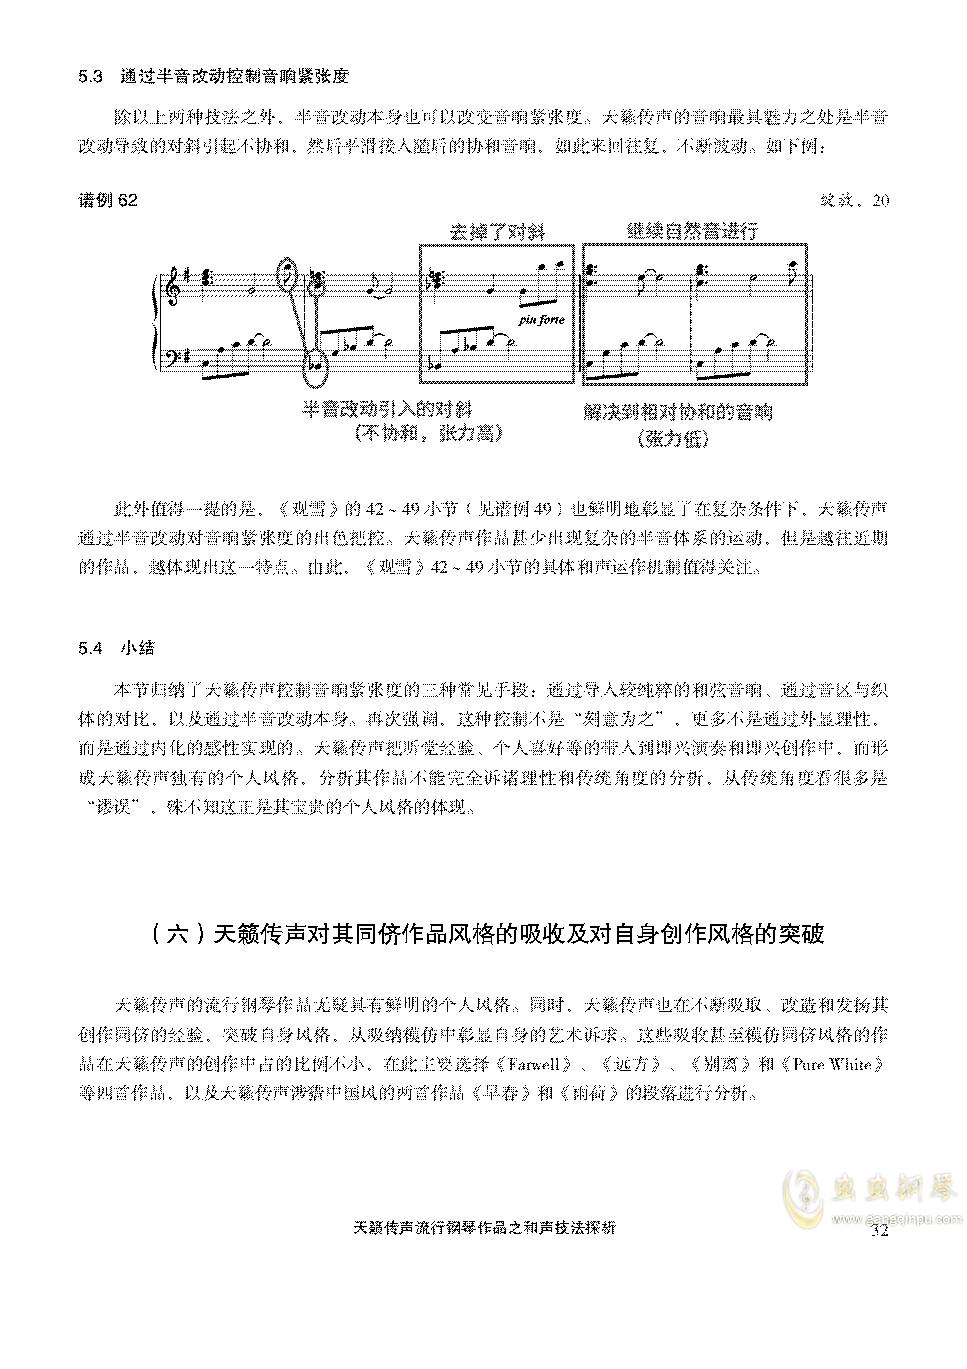 天籁传声和声技法探析澳门星际官网 第32页